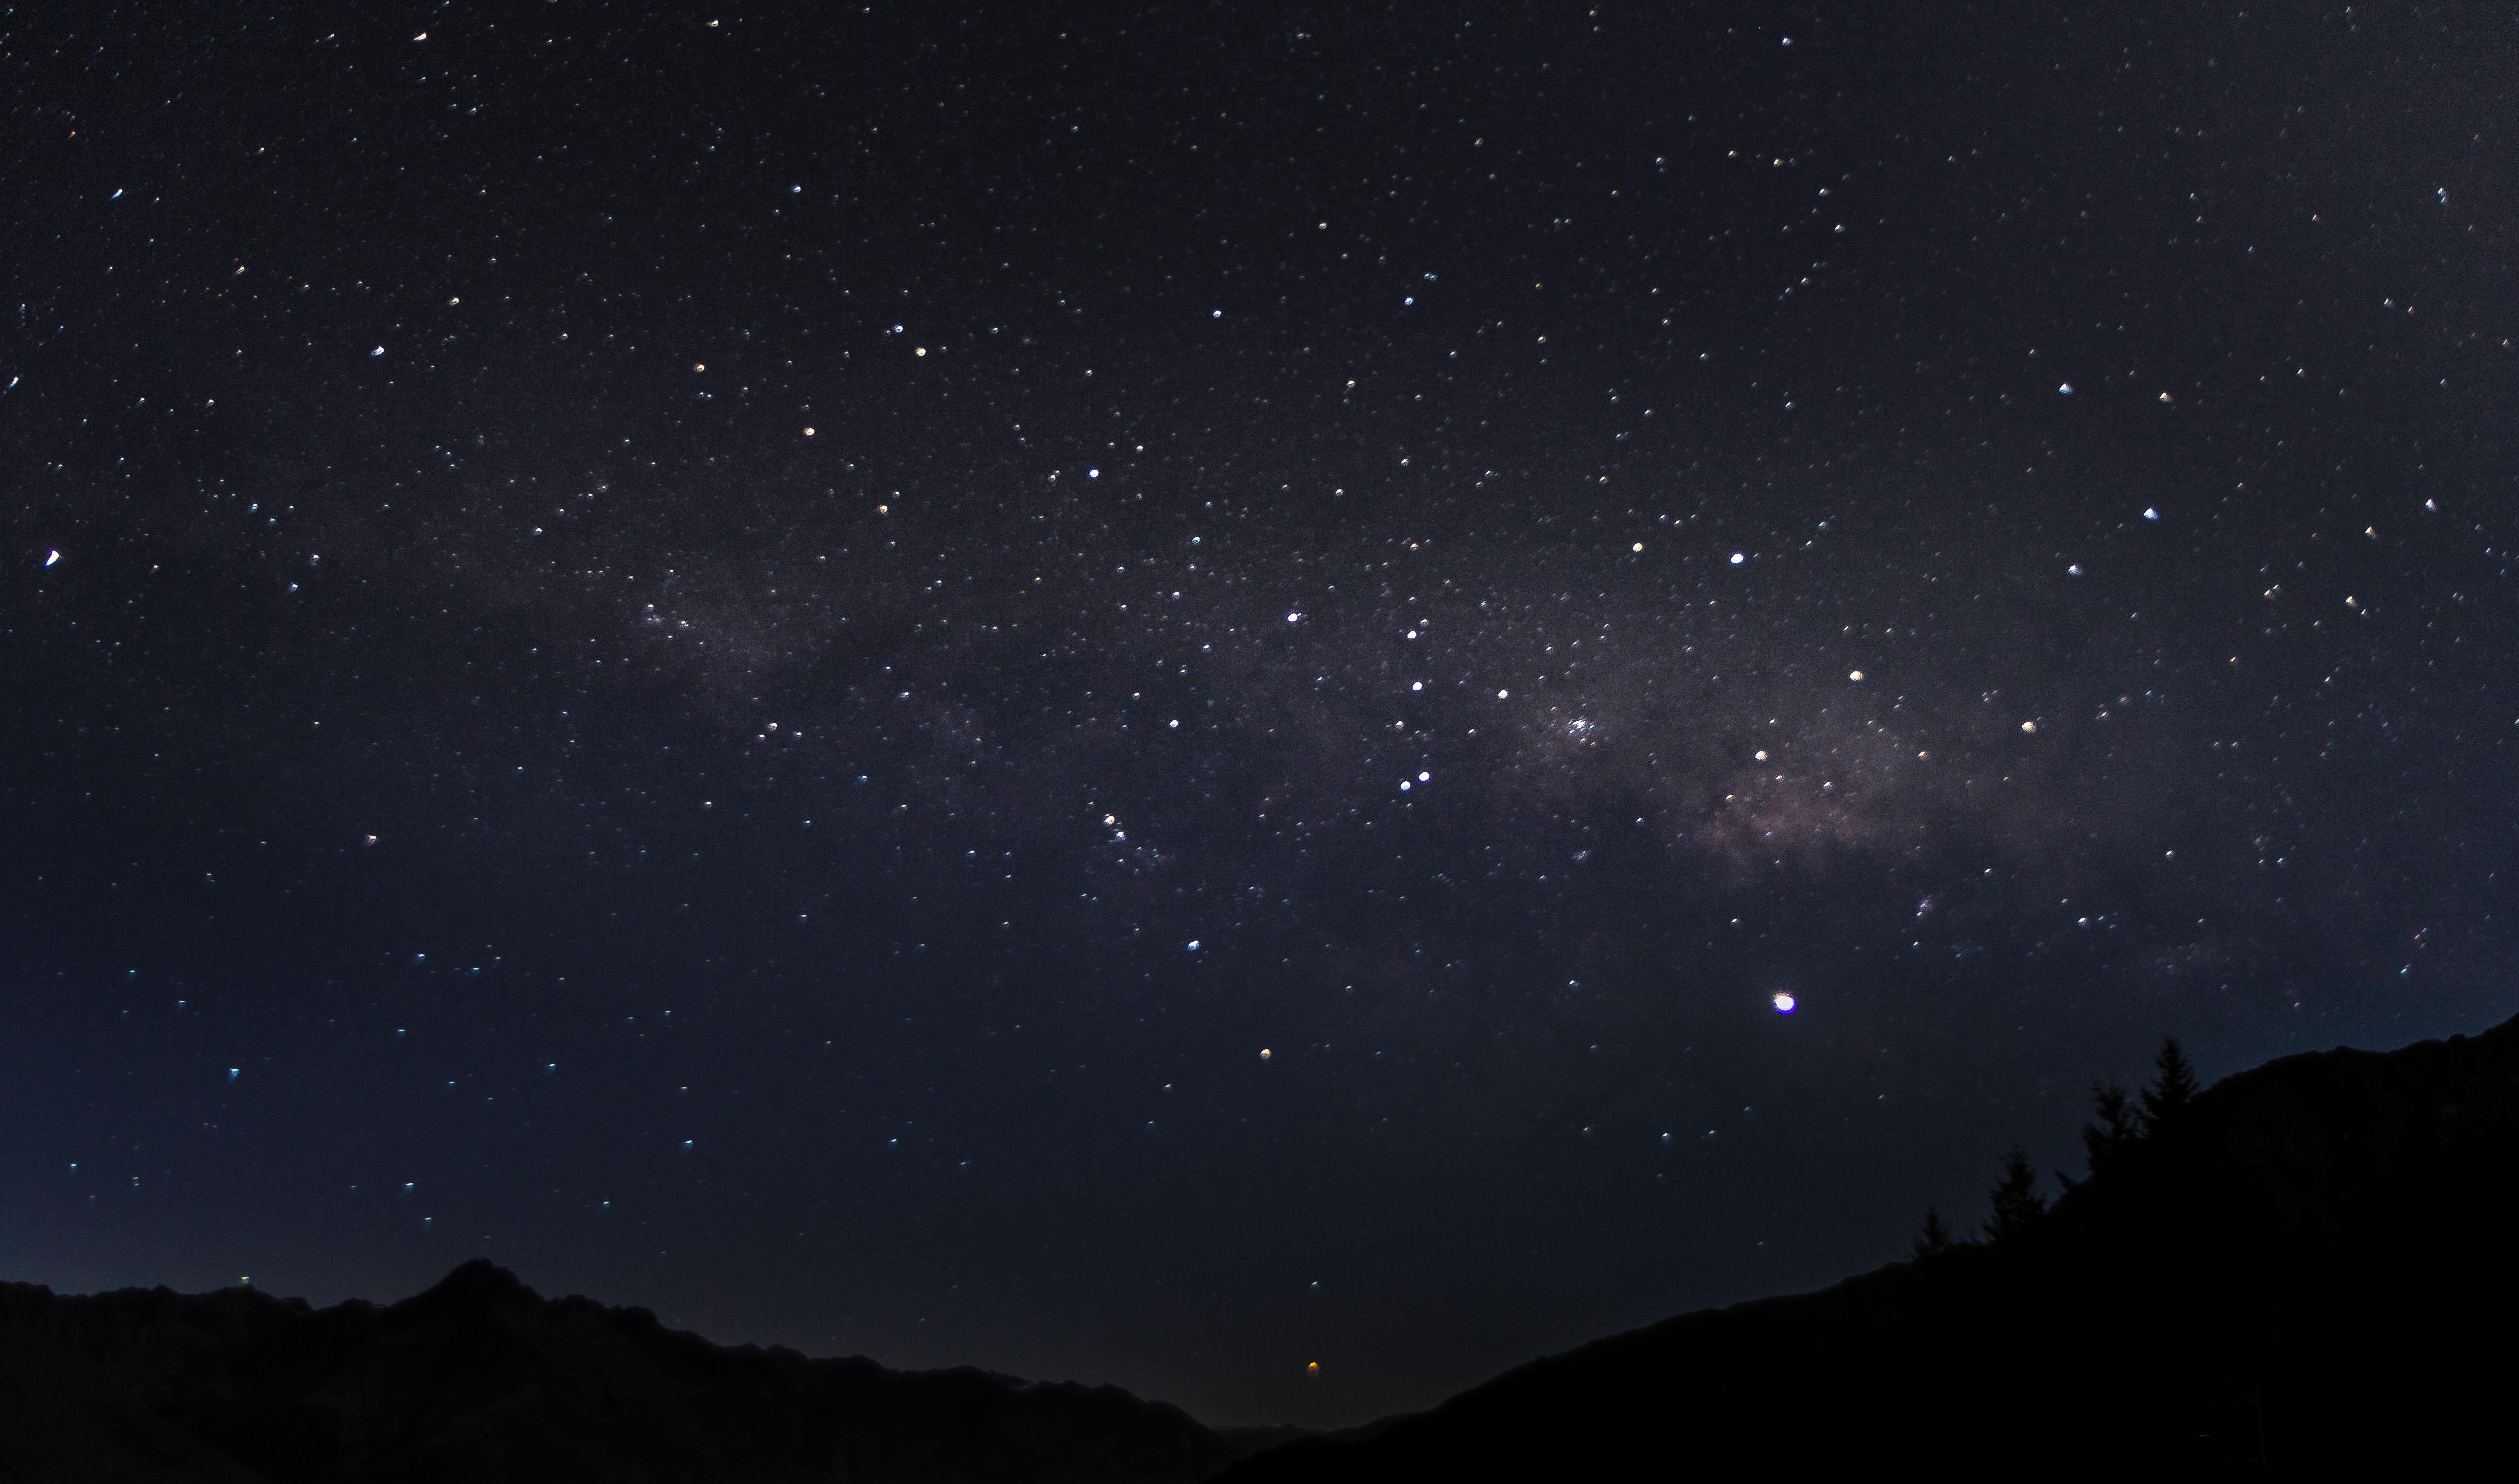 Fotos gratis : cielo, noche, estrella, Vía láctea ...